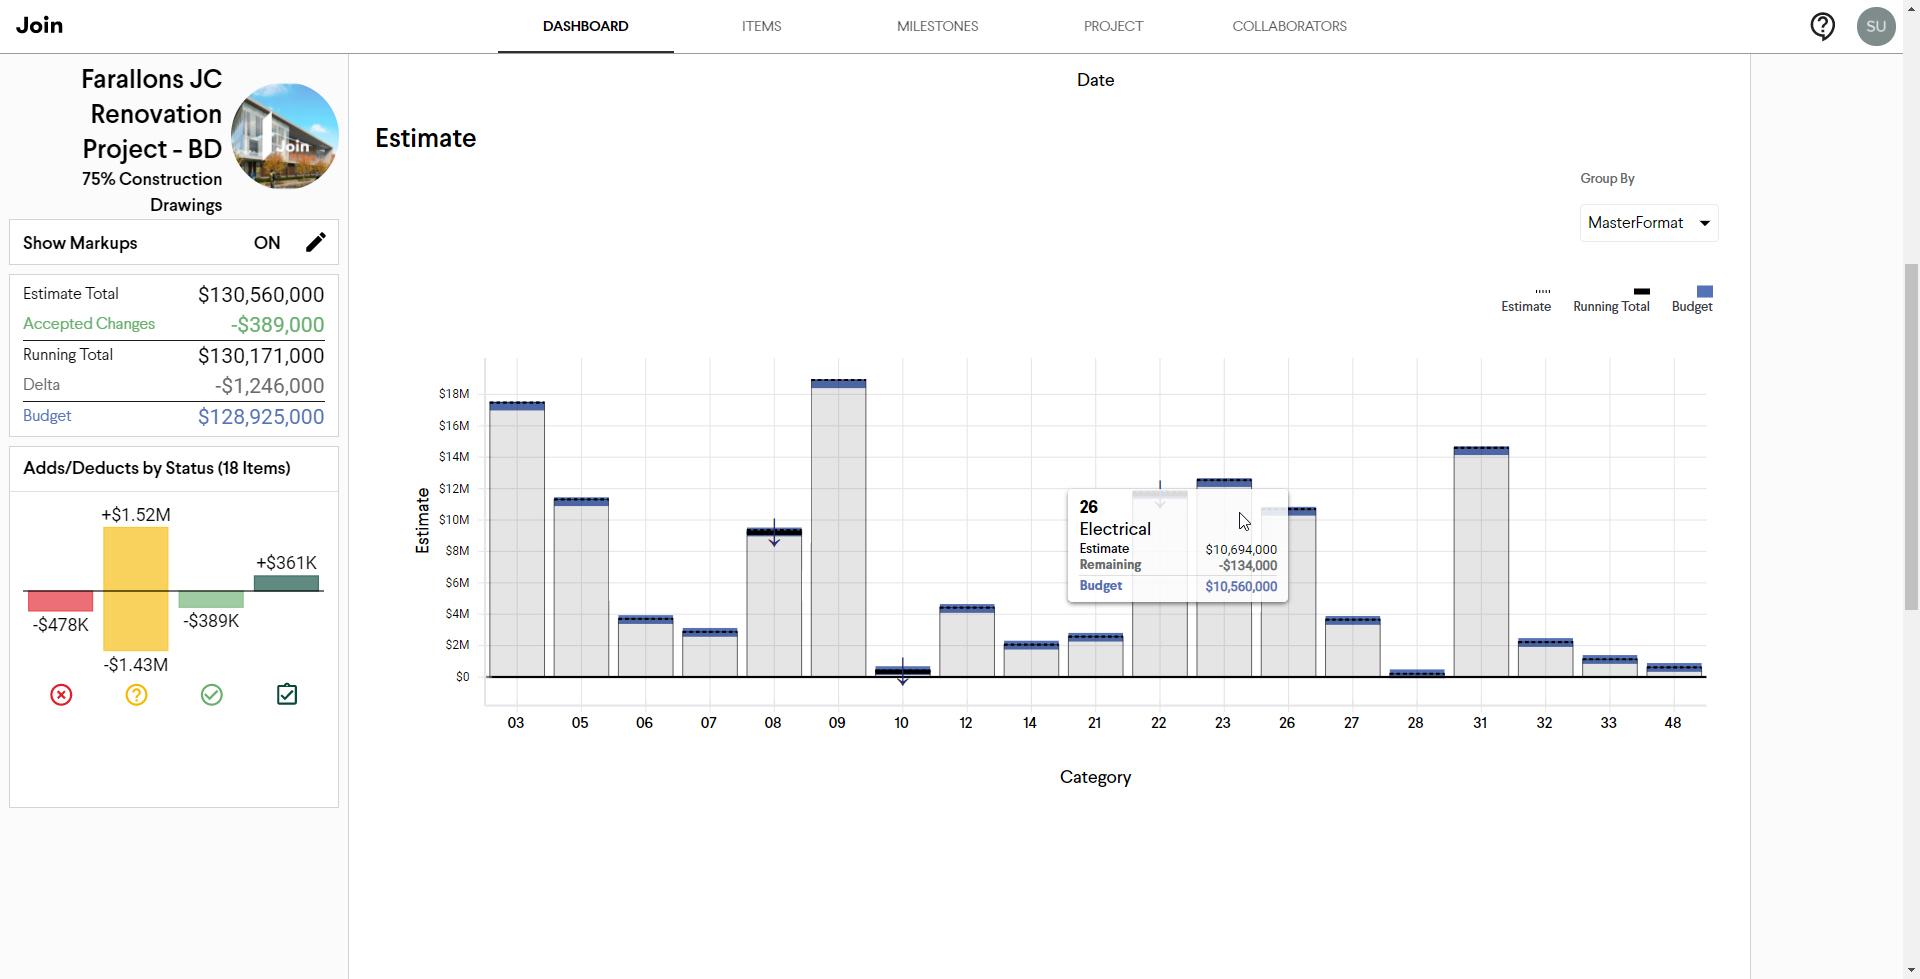 Join Dashboard Estimate Breakdwon by WBS